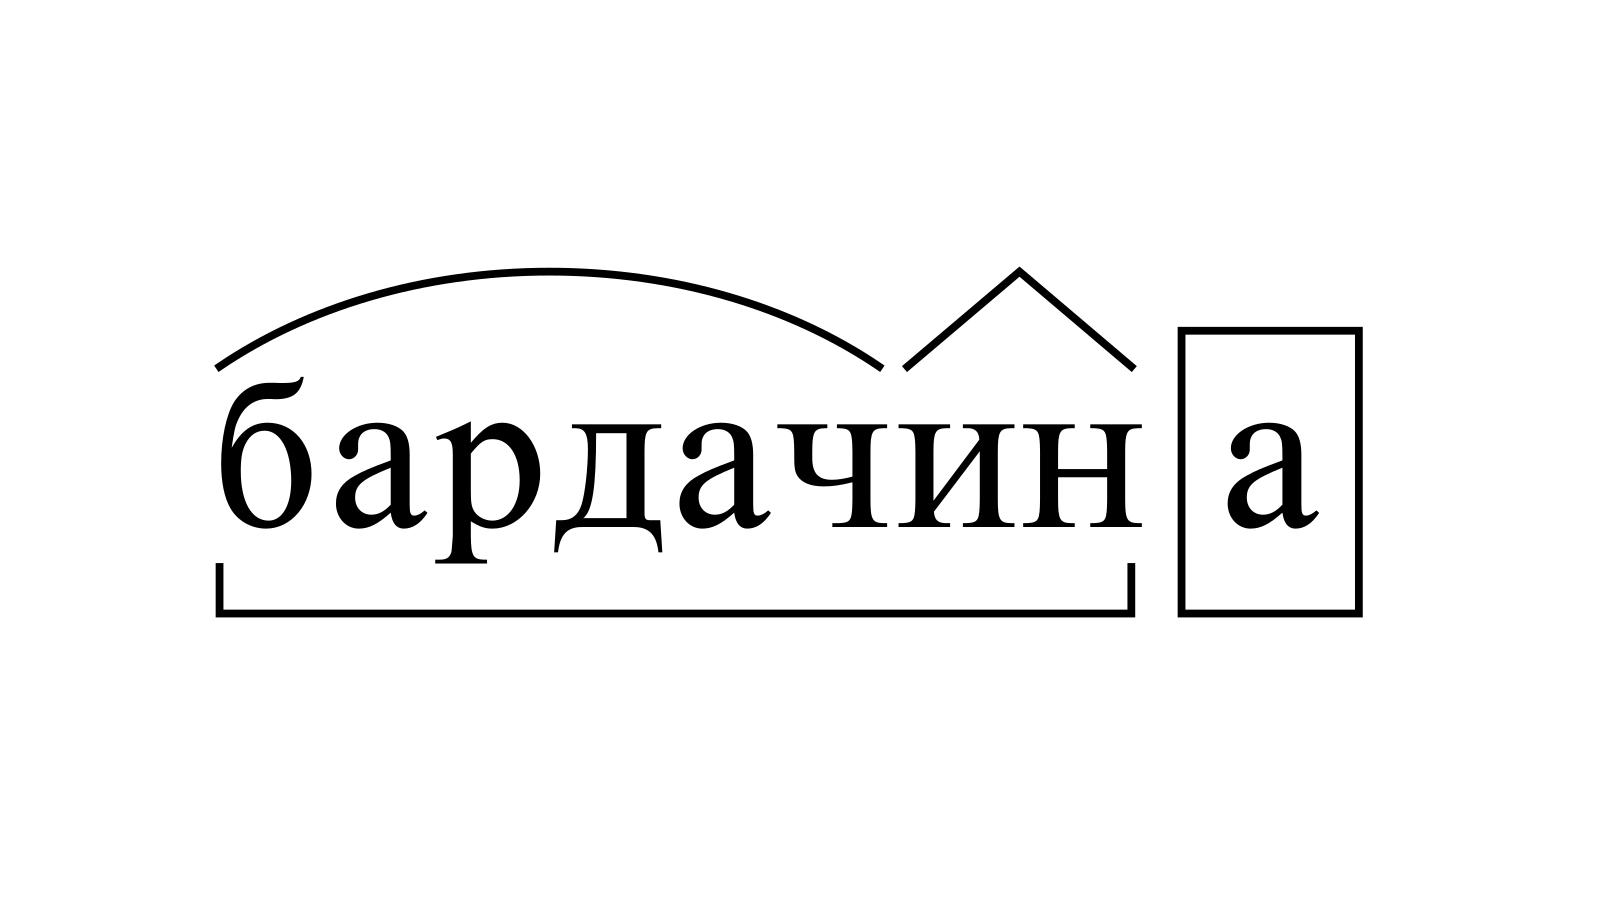 Разбор слова «бардачина» по составу